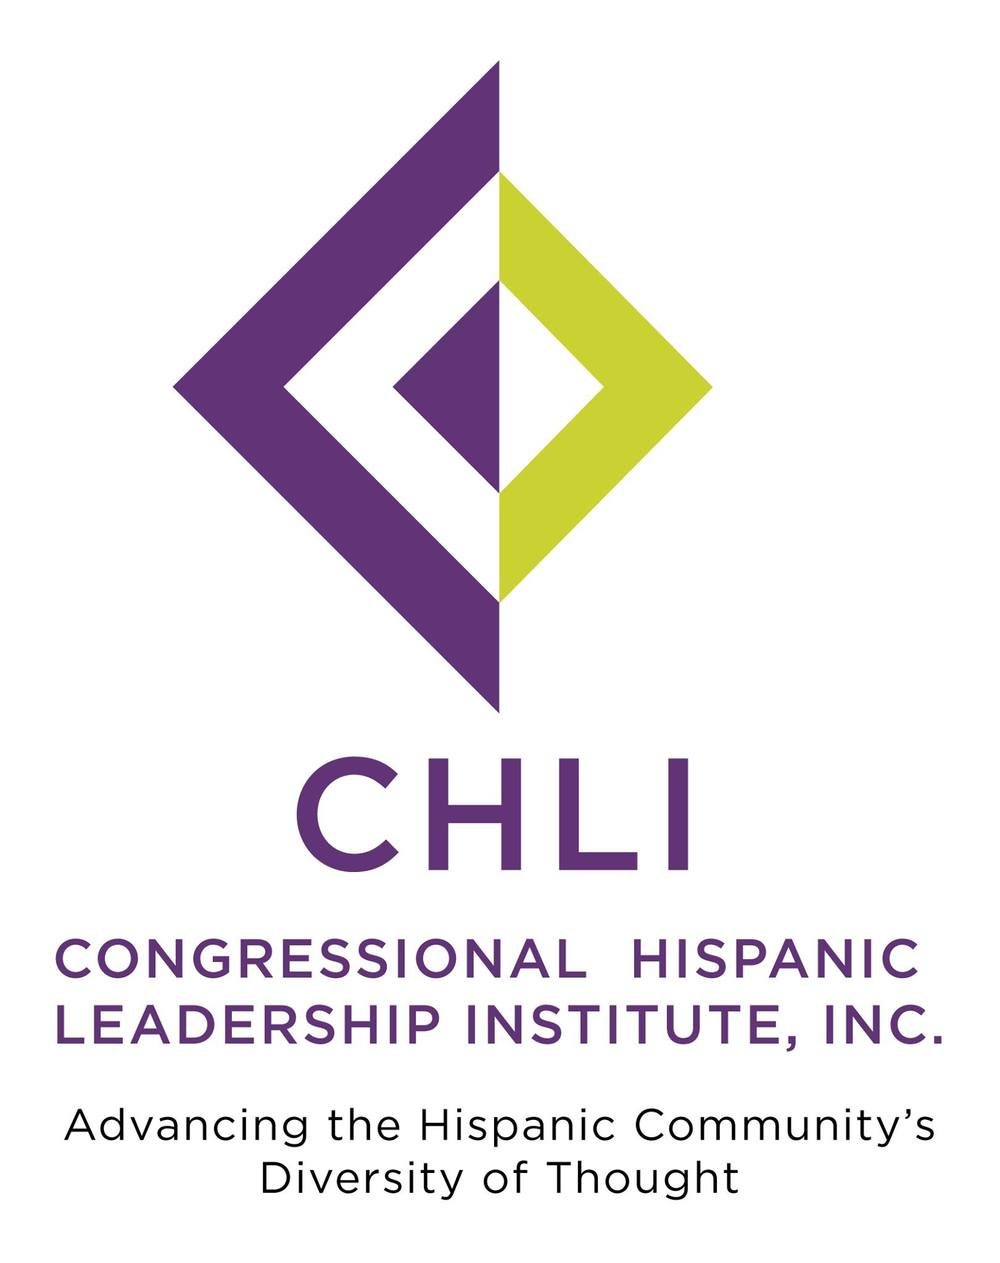 Congressional Hispanic Leadership Institute